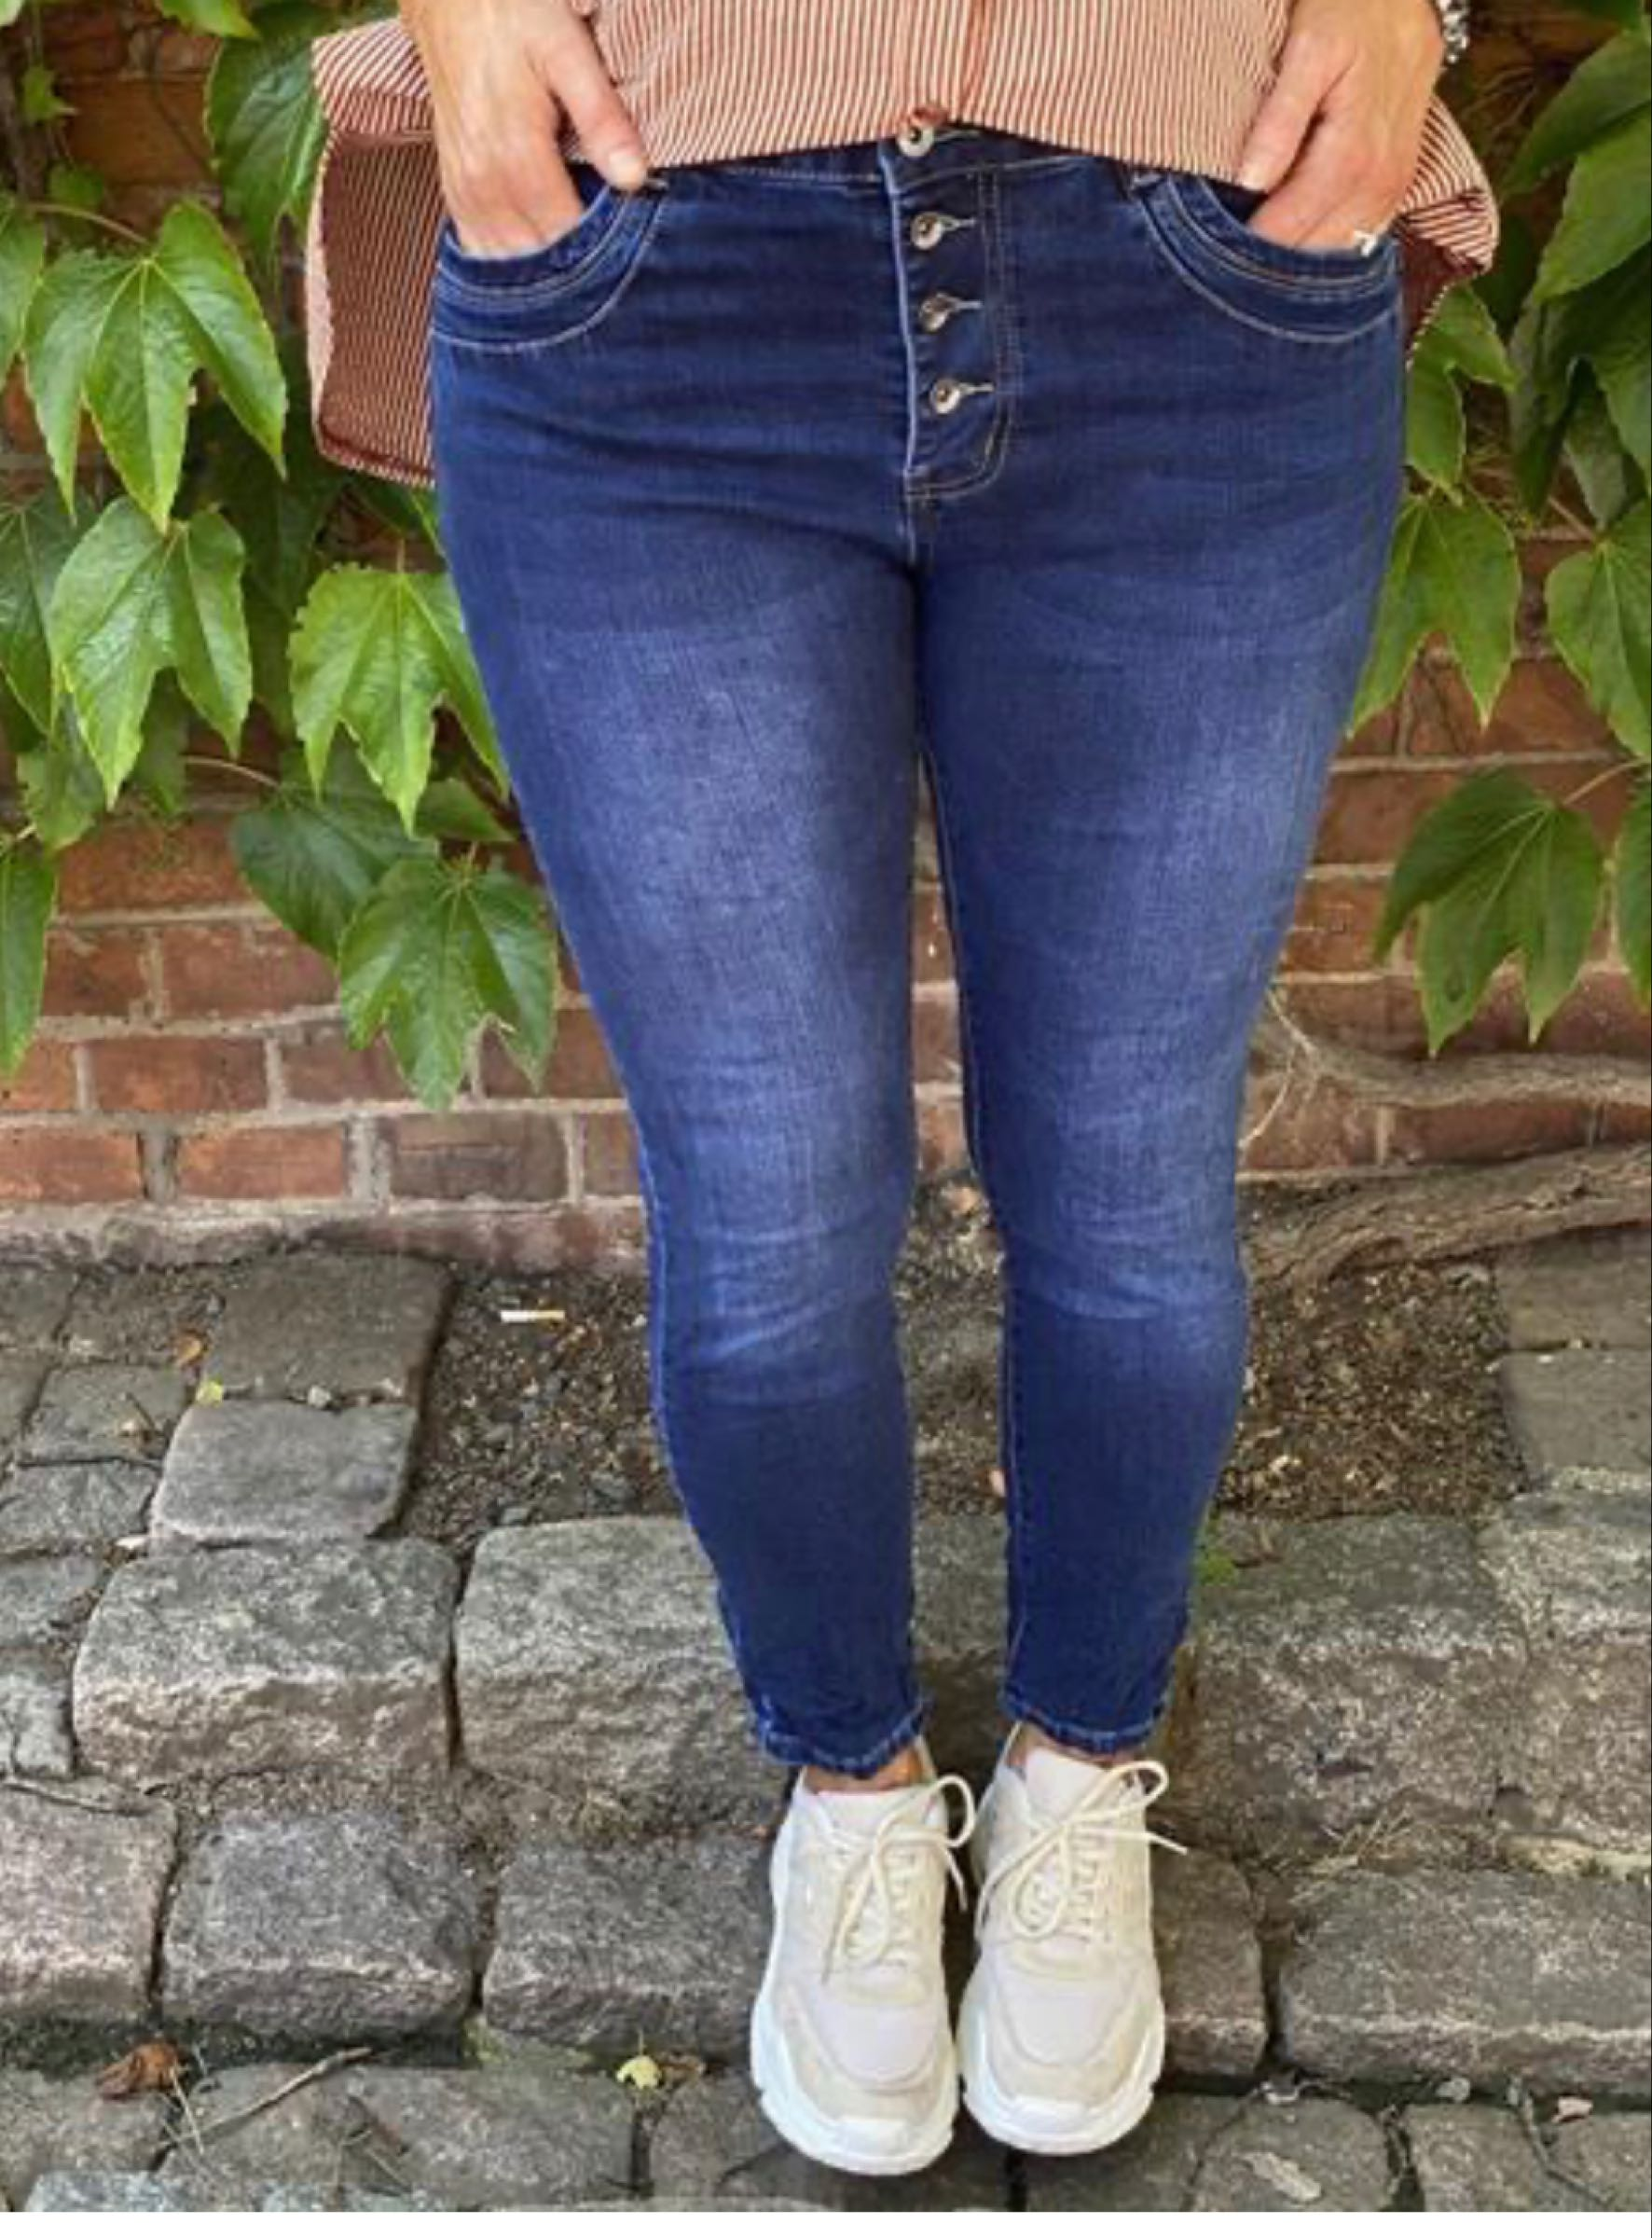 WILMA stretch jeans